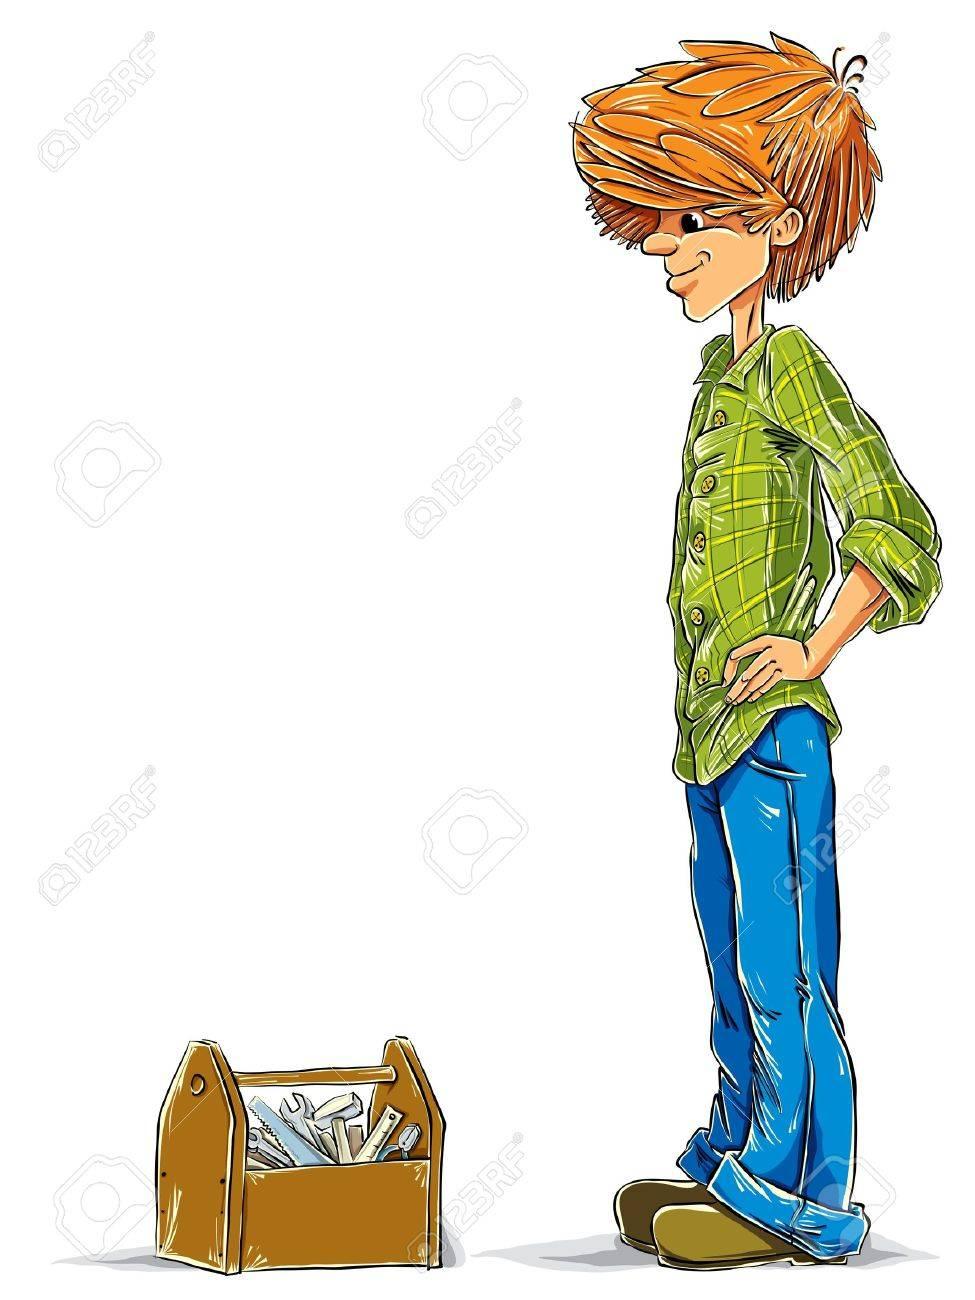 Teen boy cartoon with toolbox Stock Vector - 15275237